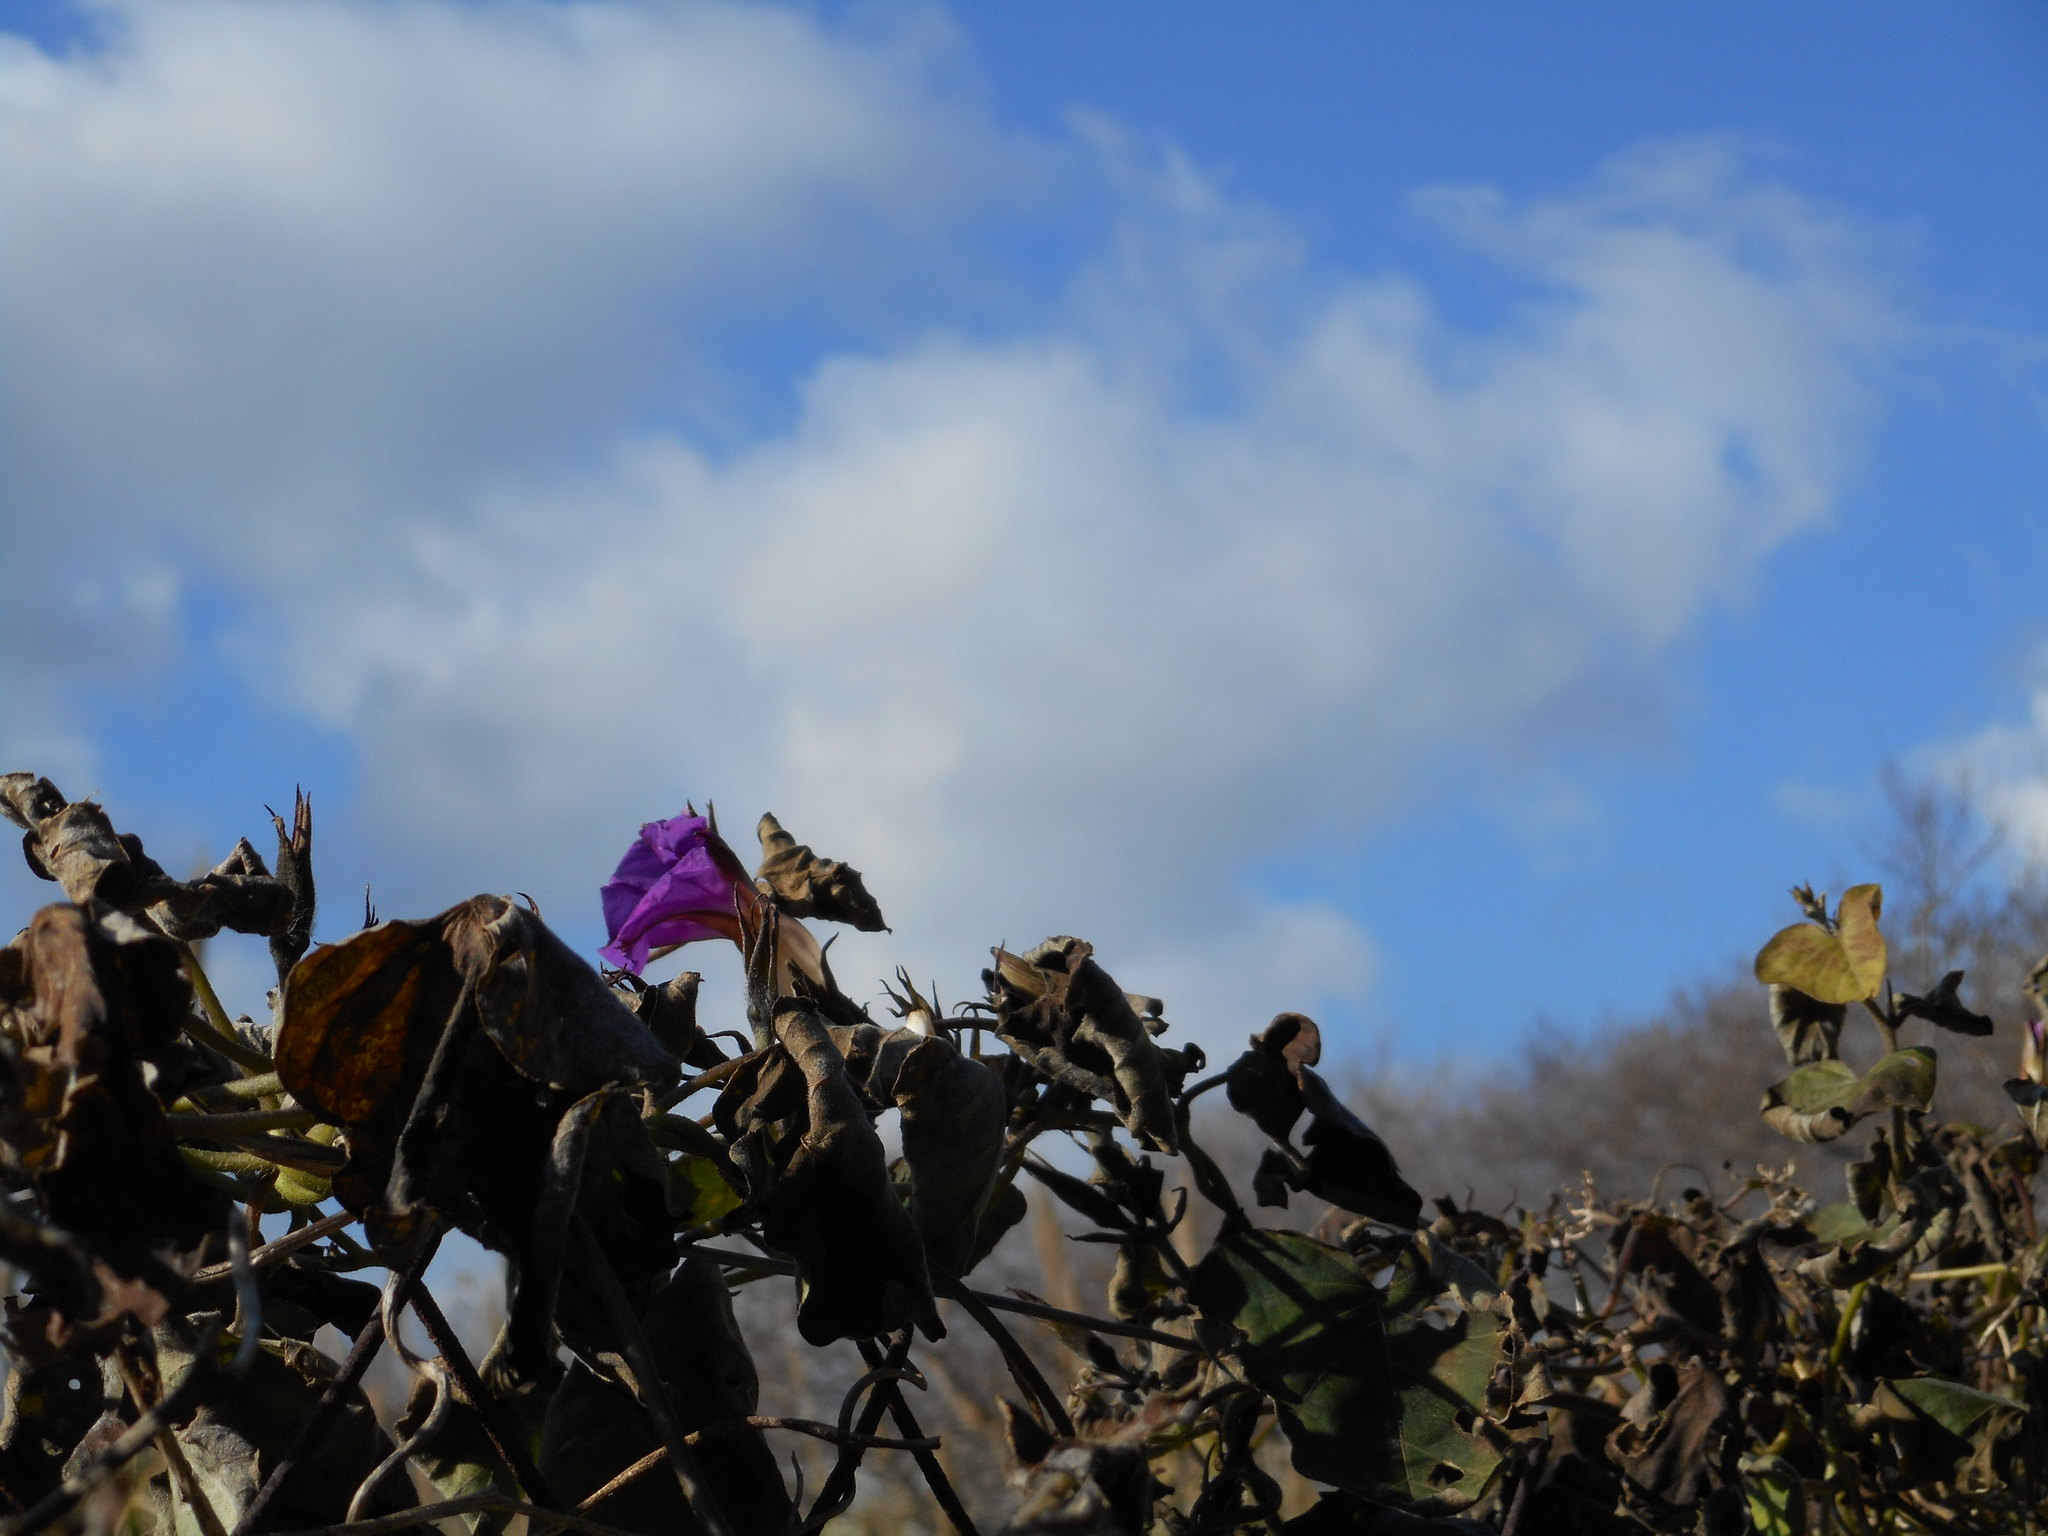 Μια ζεστή μέρα μετά από το κύμα ψύχους των προηγούμενων ημερών στη Ψίνθο